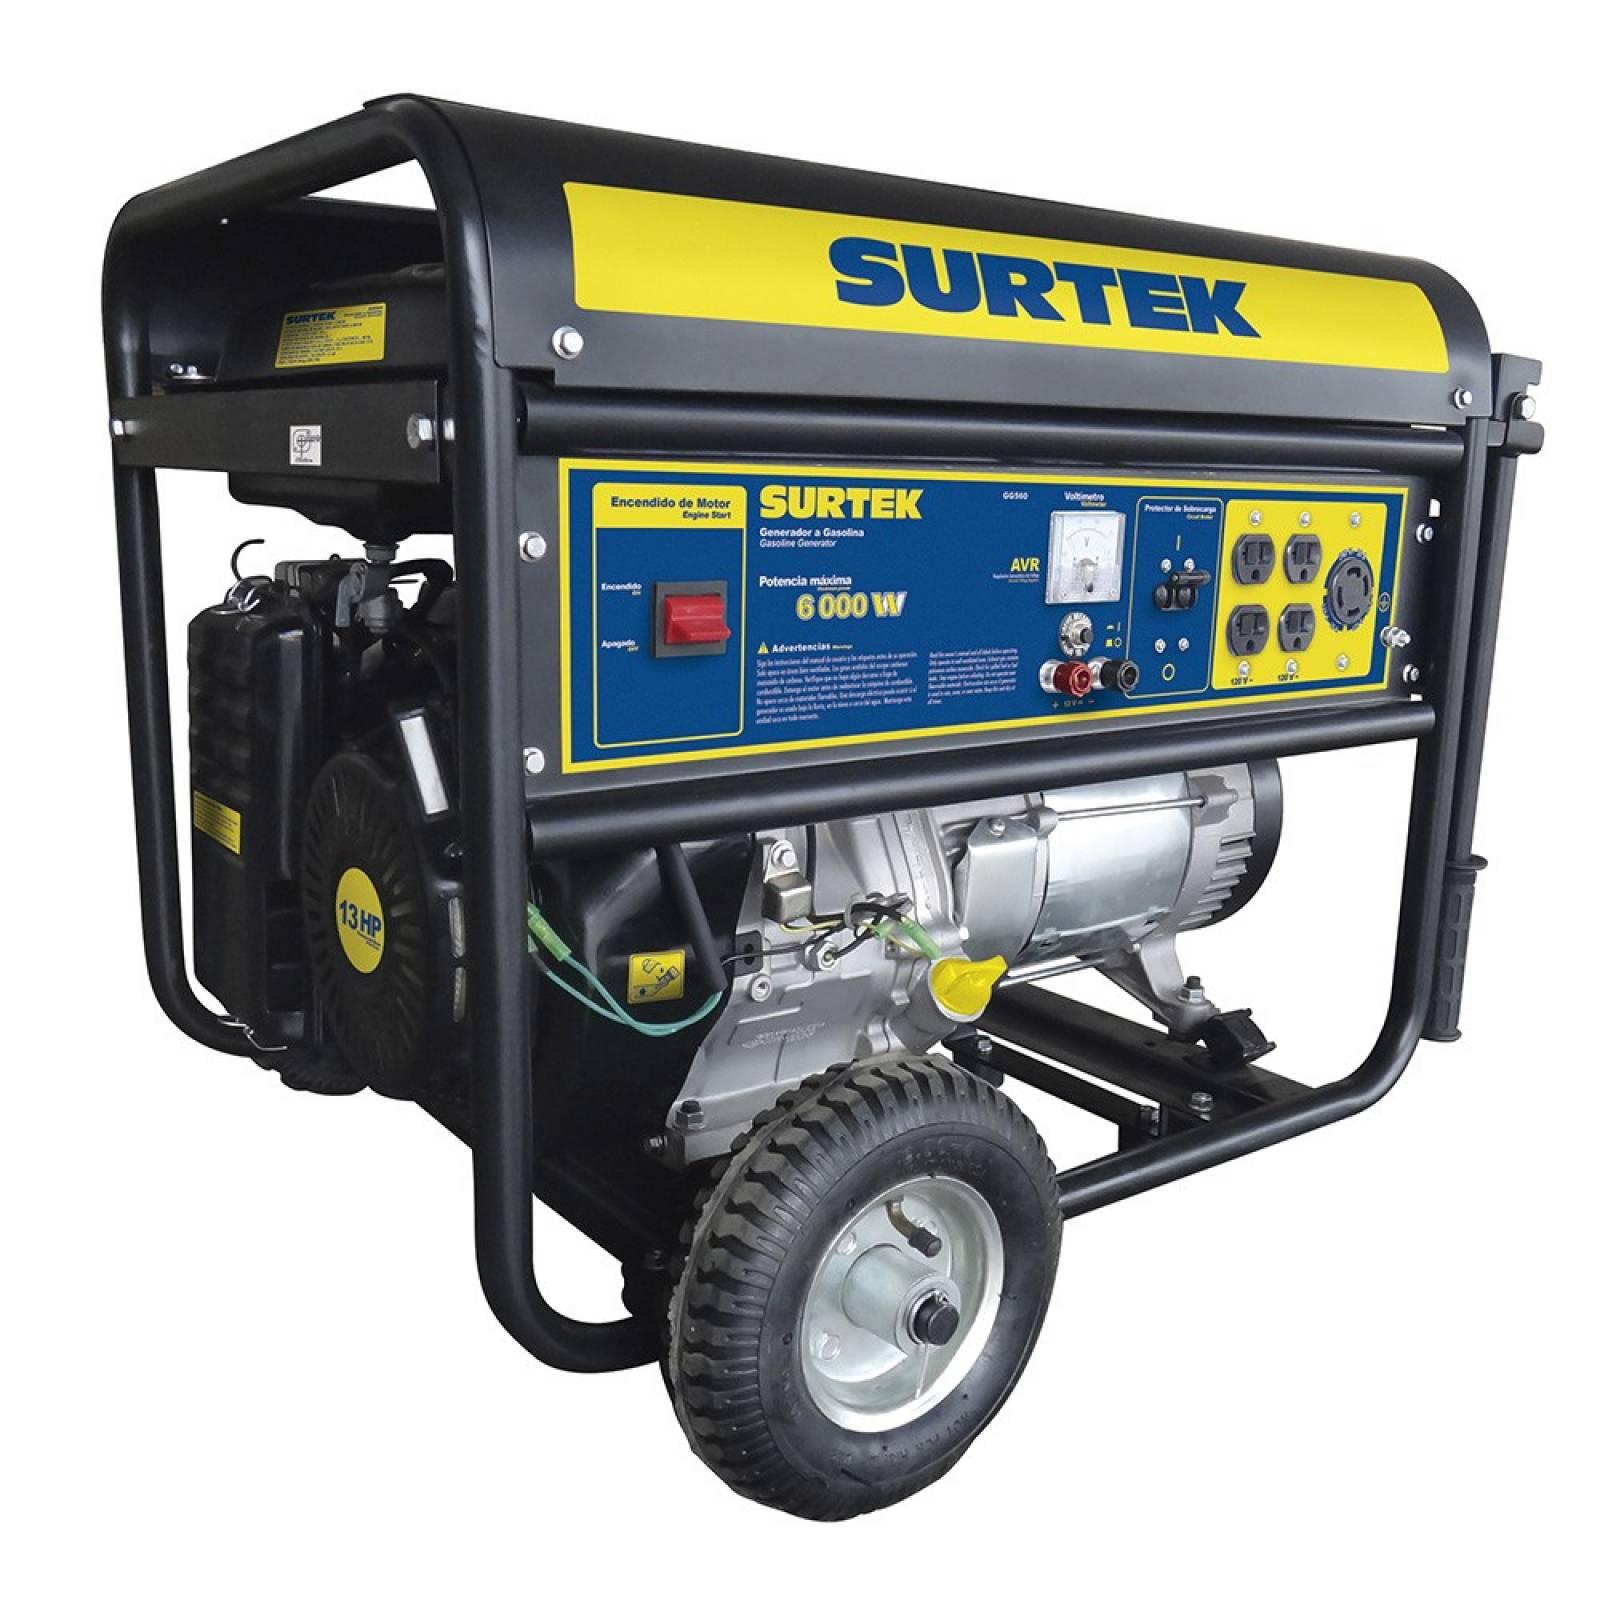 Generador a gasolina 6.0kW max GG560 Surtek